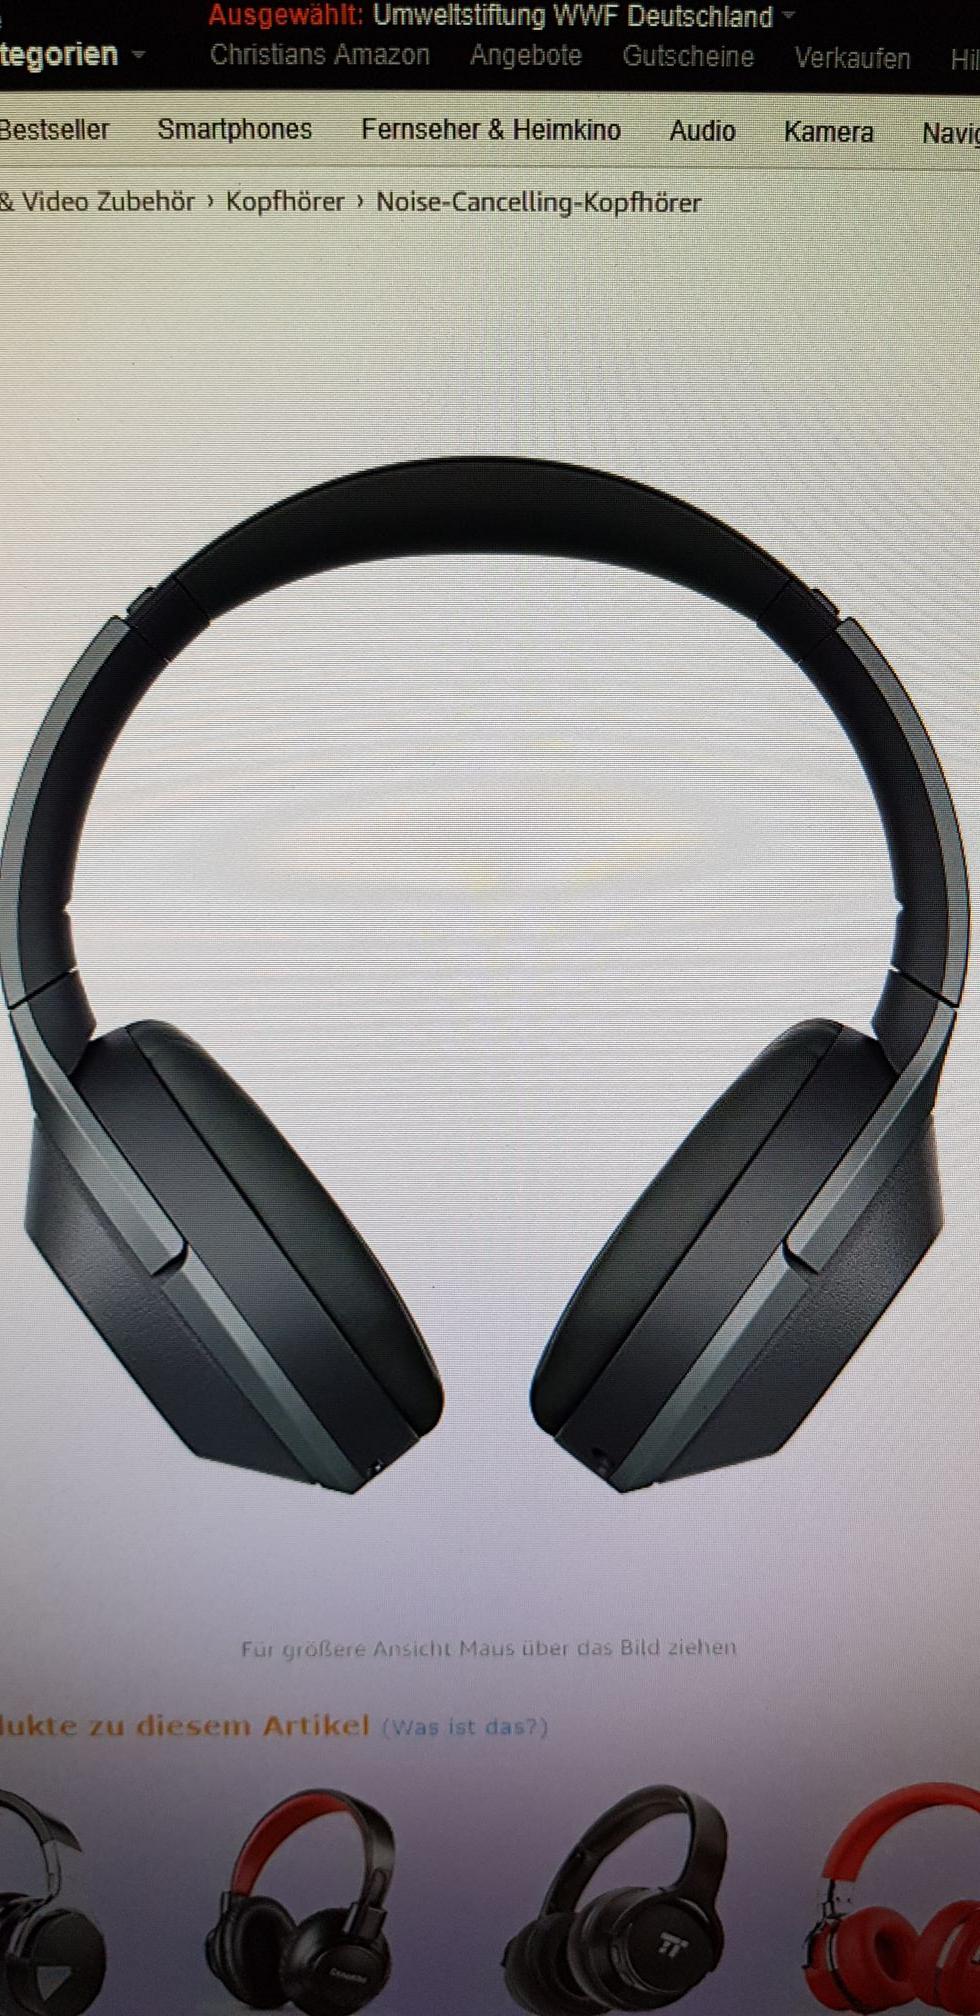 """Sony Kabelloser High-Resolution WH-1000XM2 Kopfhörer (Amazon """"Gebraucht-wie neu"""")"""